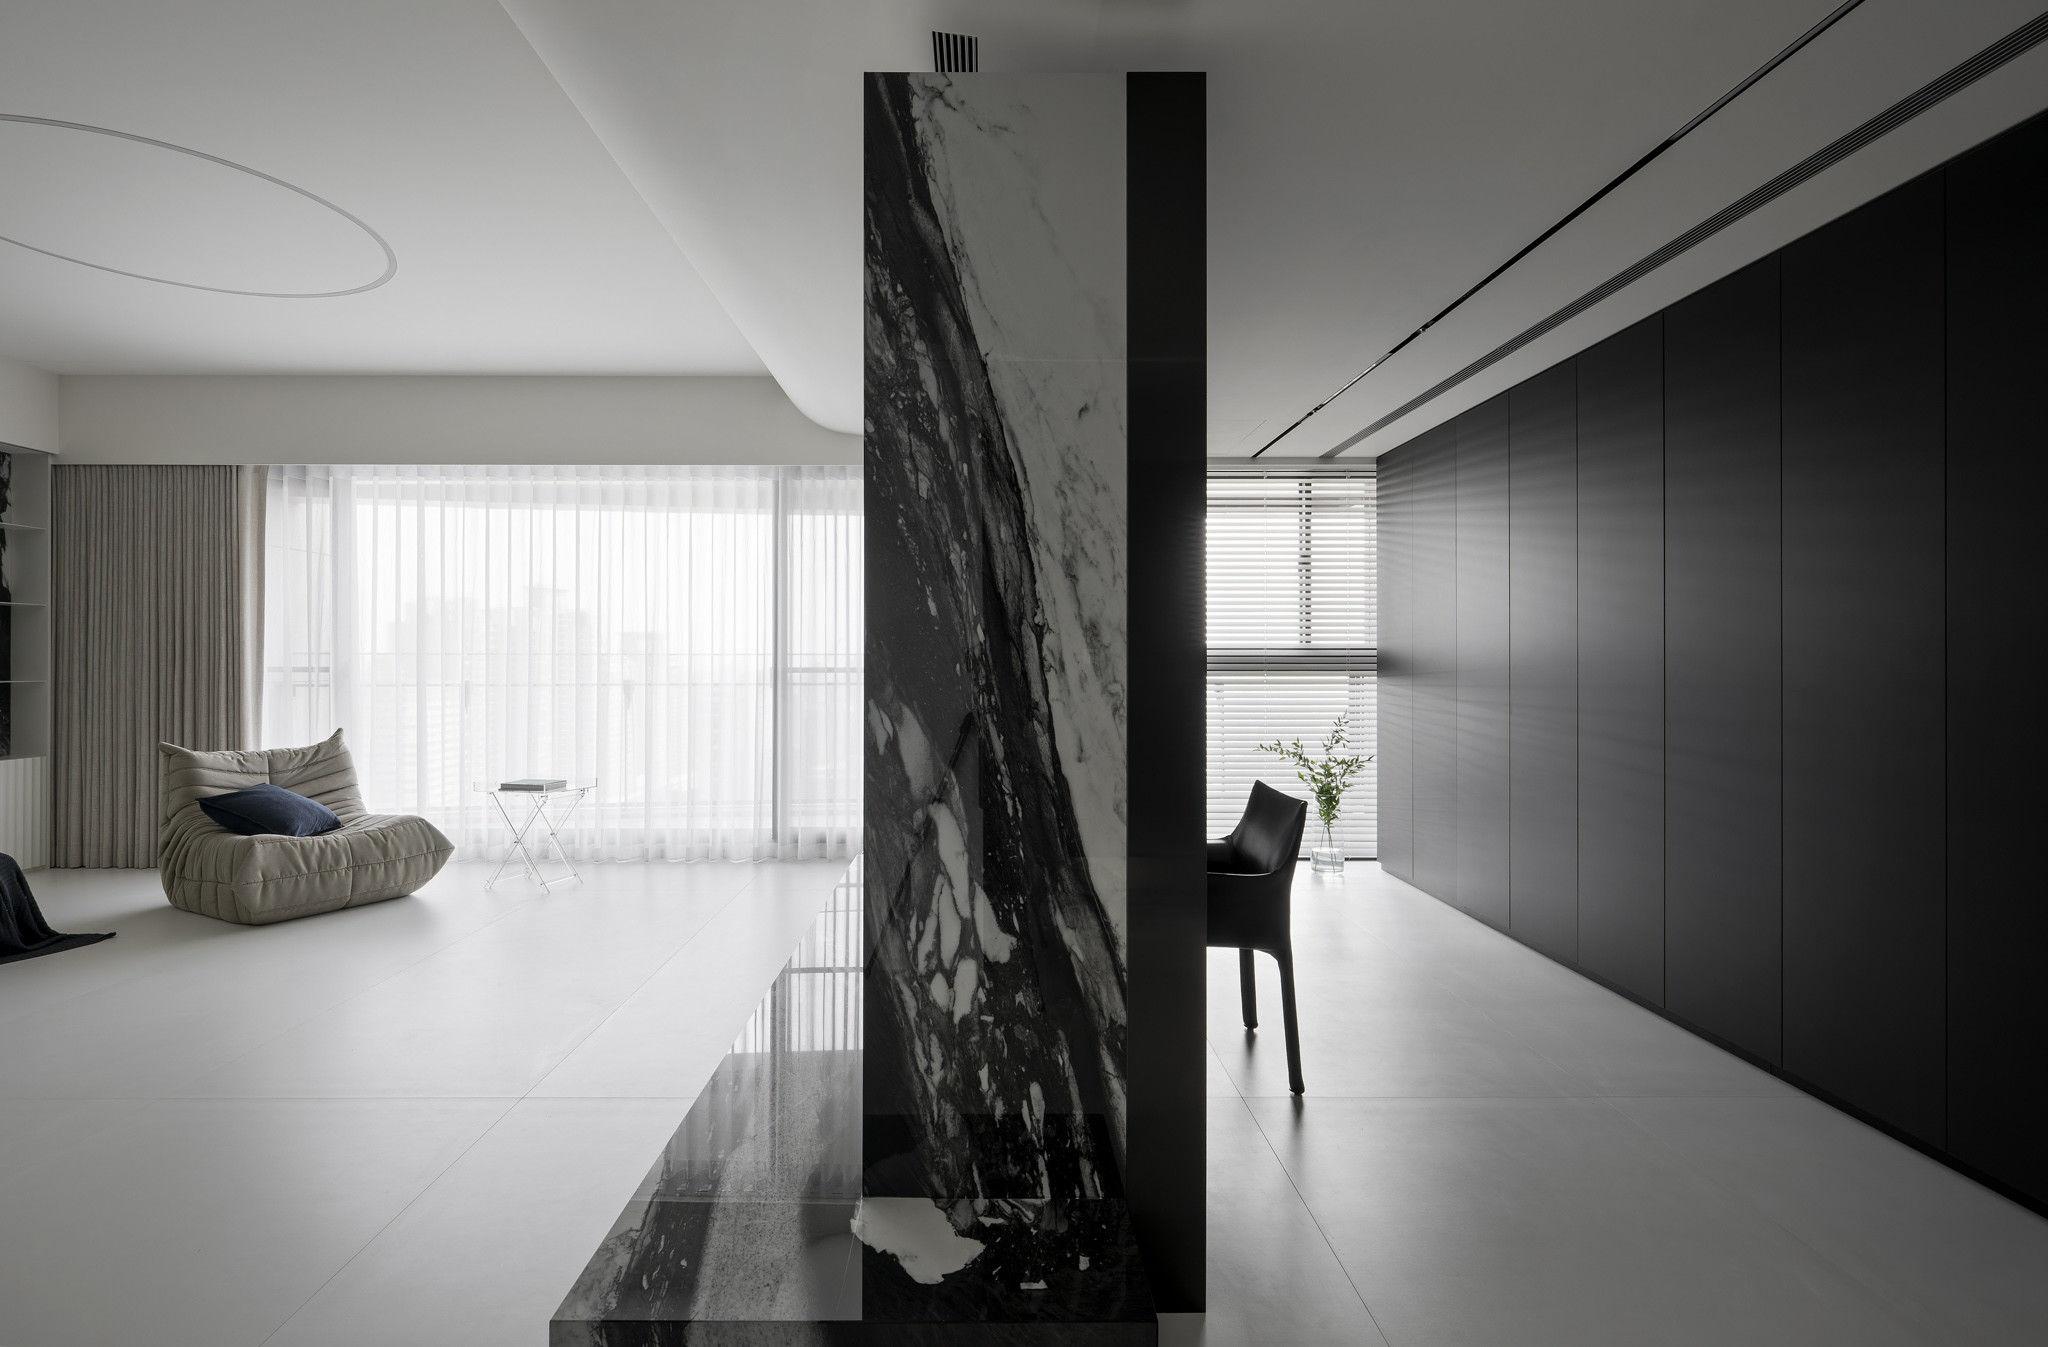 分子室內裝修設計-現代極簡風、台中室內裝修、室內設計、潑墨石材紋、客廳、書房、純白色、霧黑色